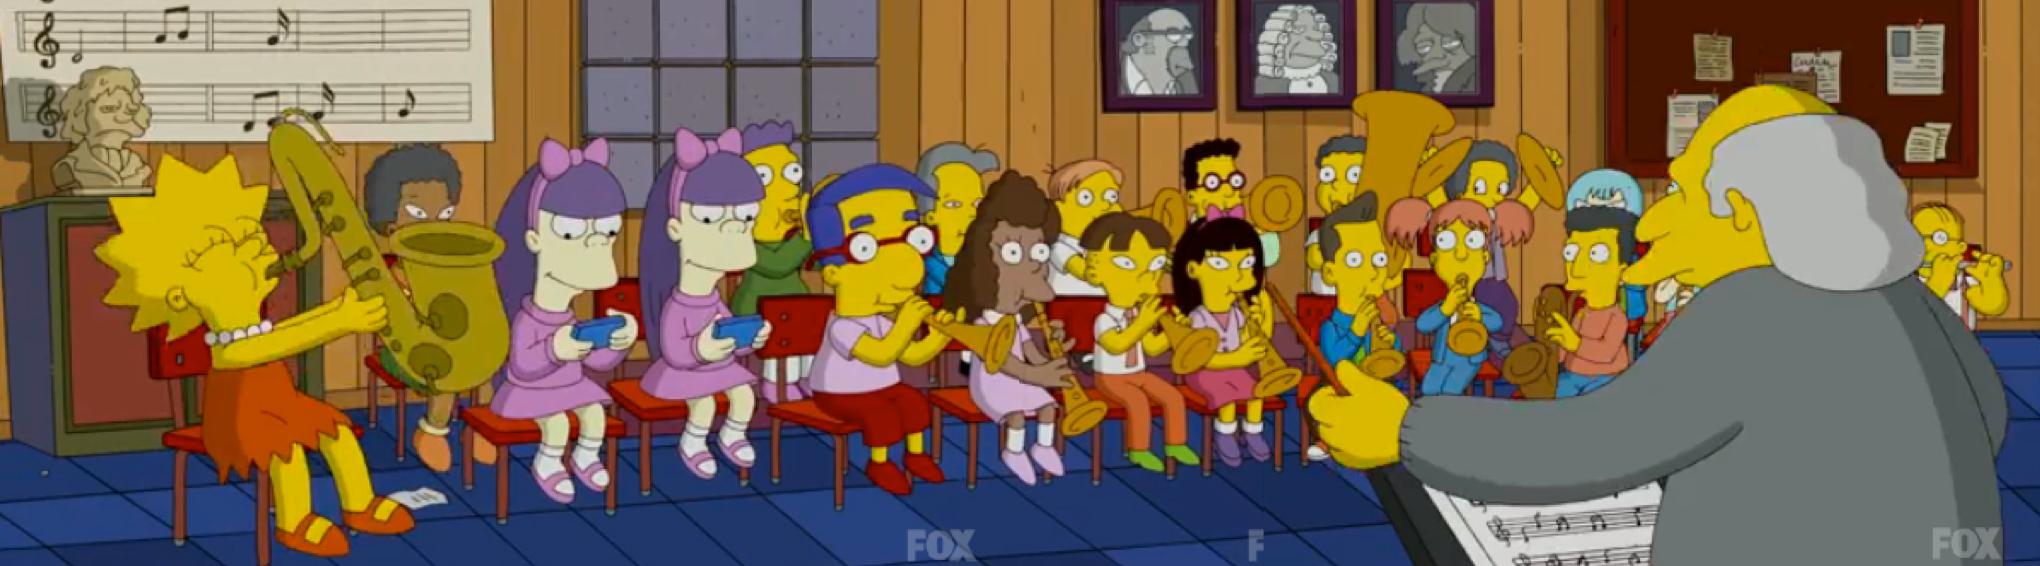 Simpsons school band - Irish primary music curriculum